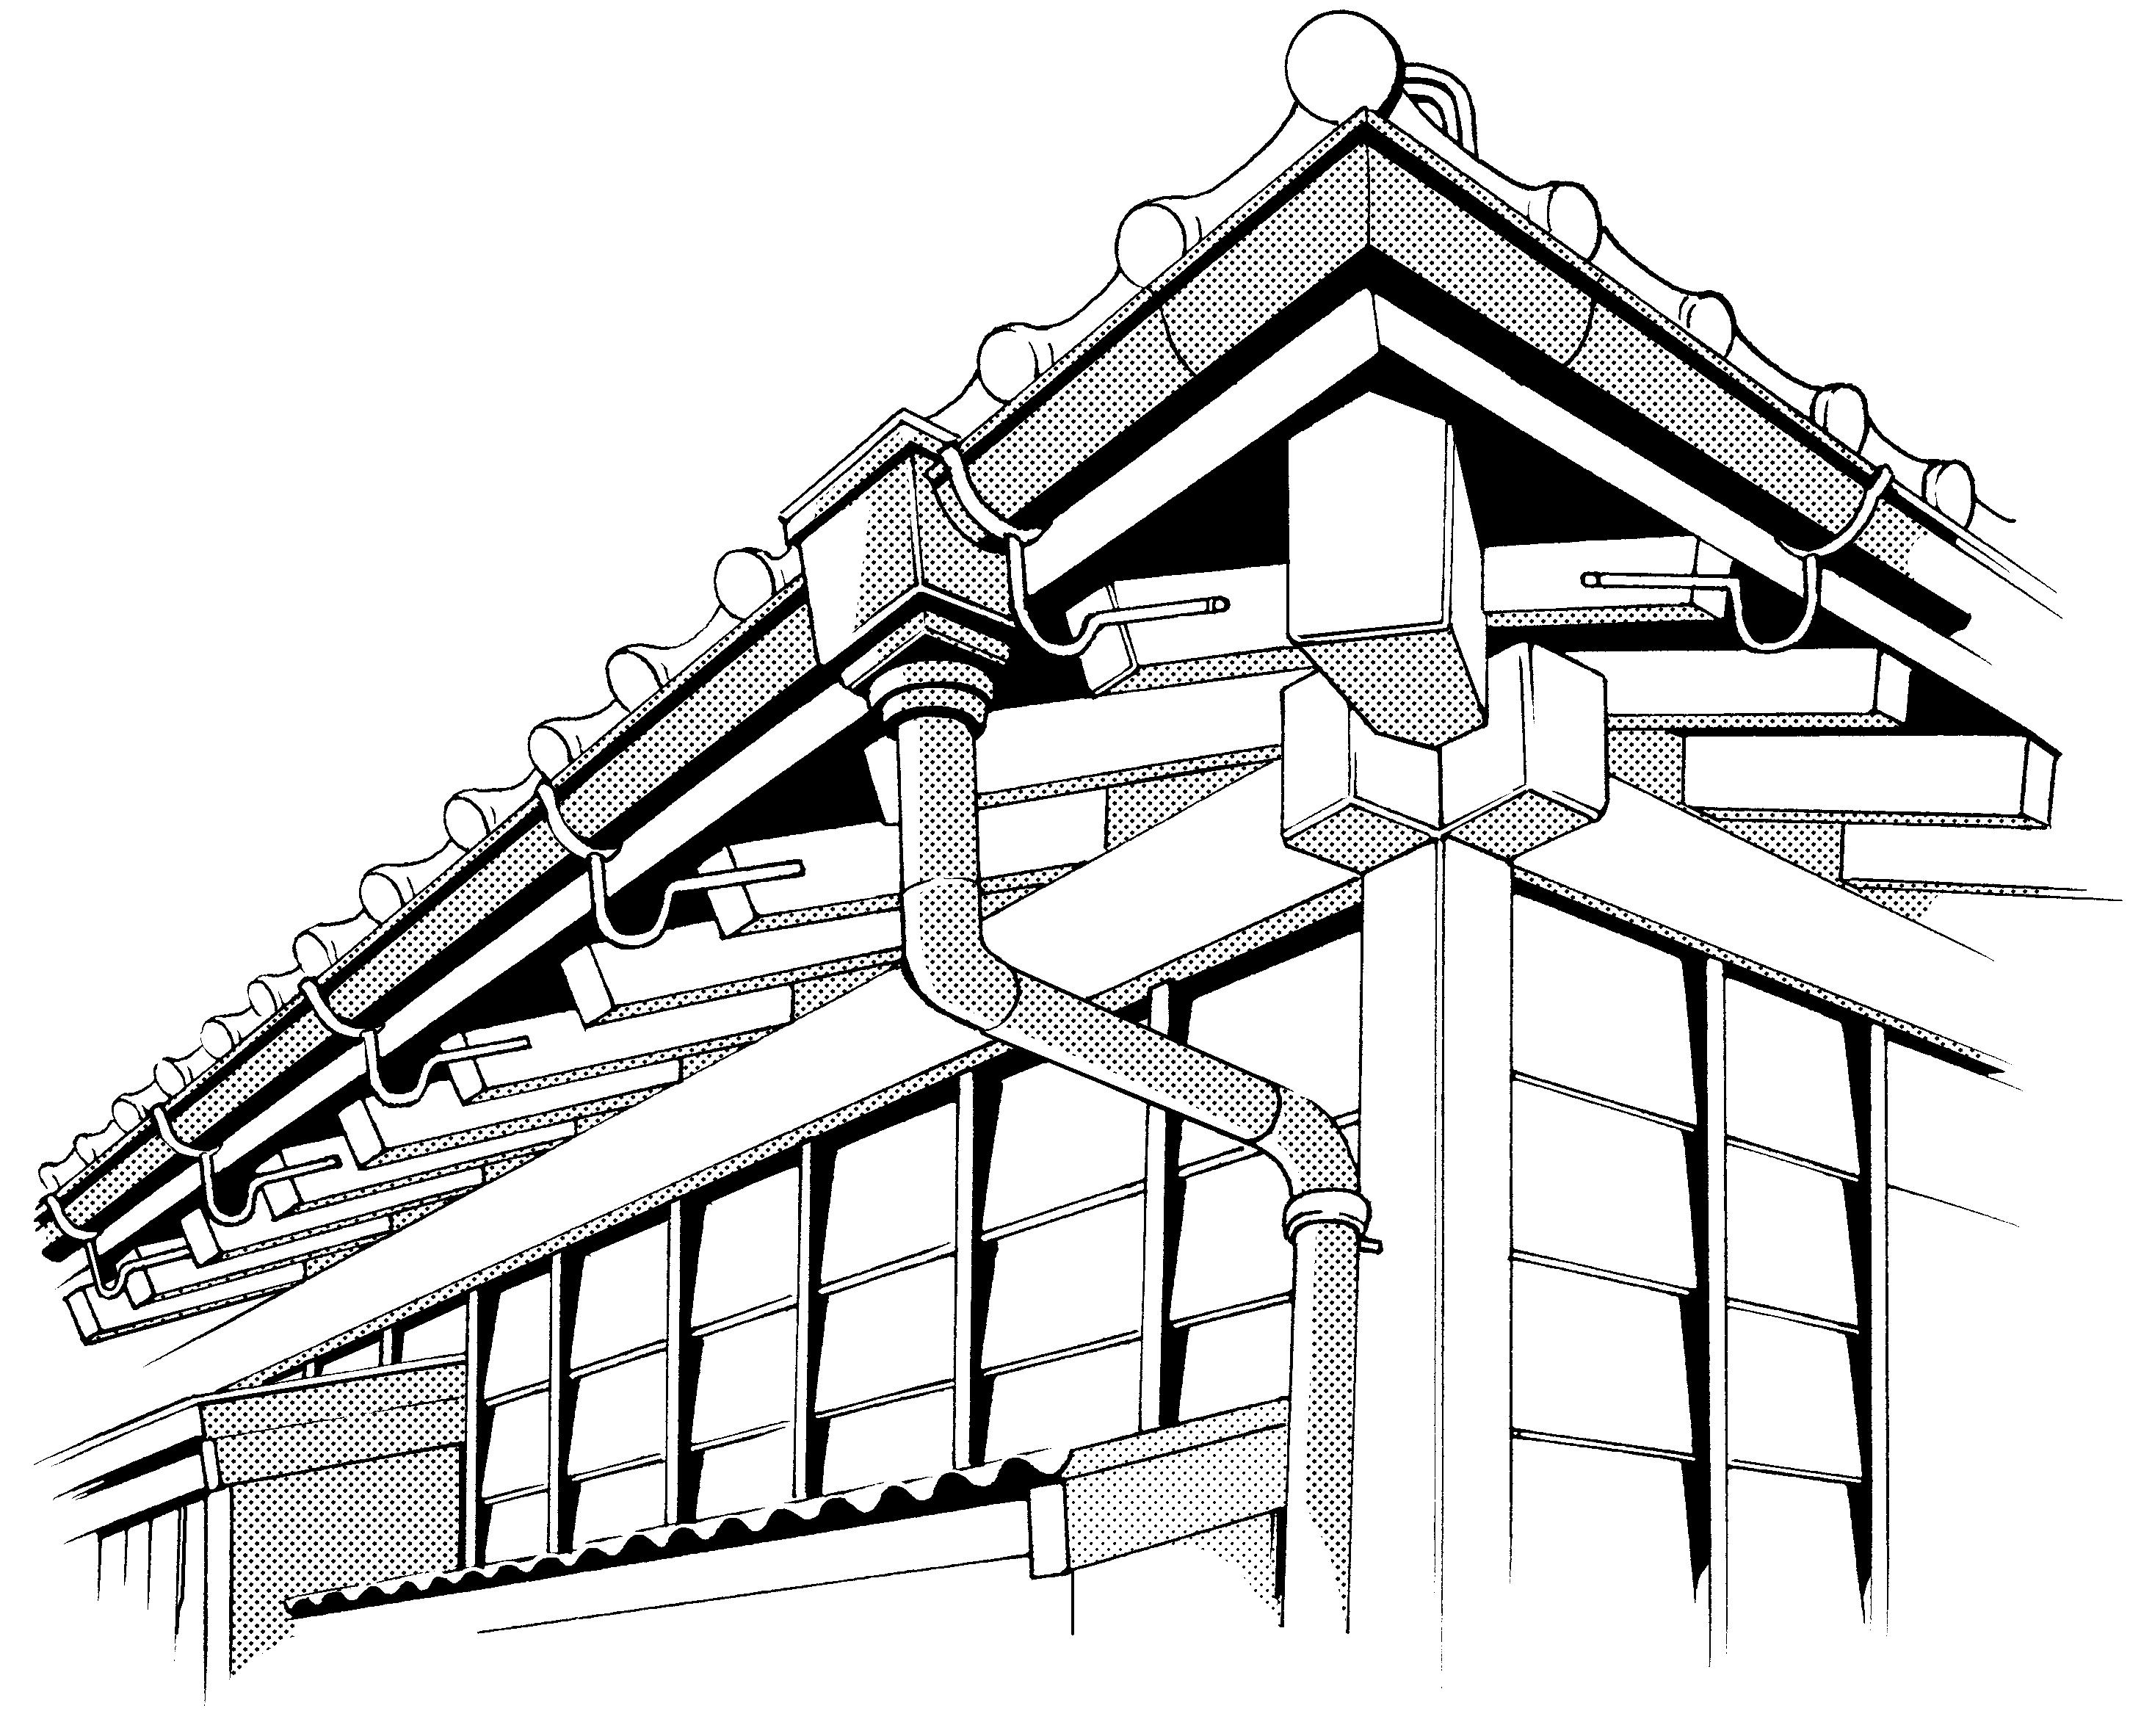 超級 背景講座 Maedaxの背景萌え 軒先の裏の描き方 イラスト マンガ描き方ナビ